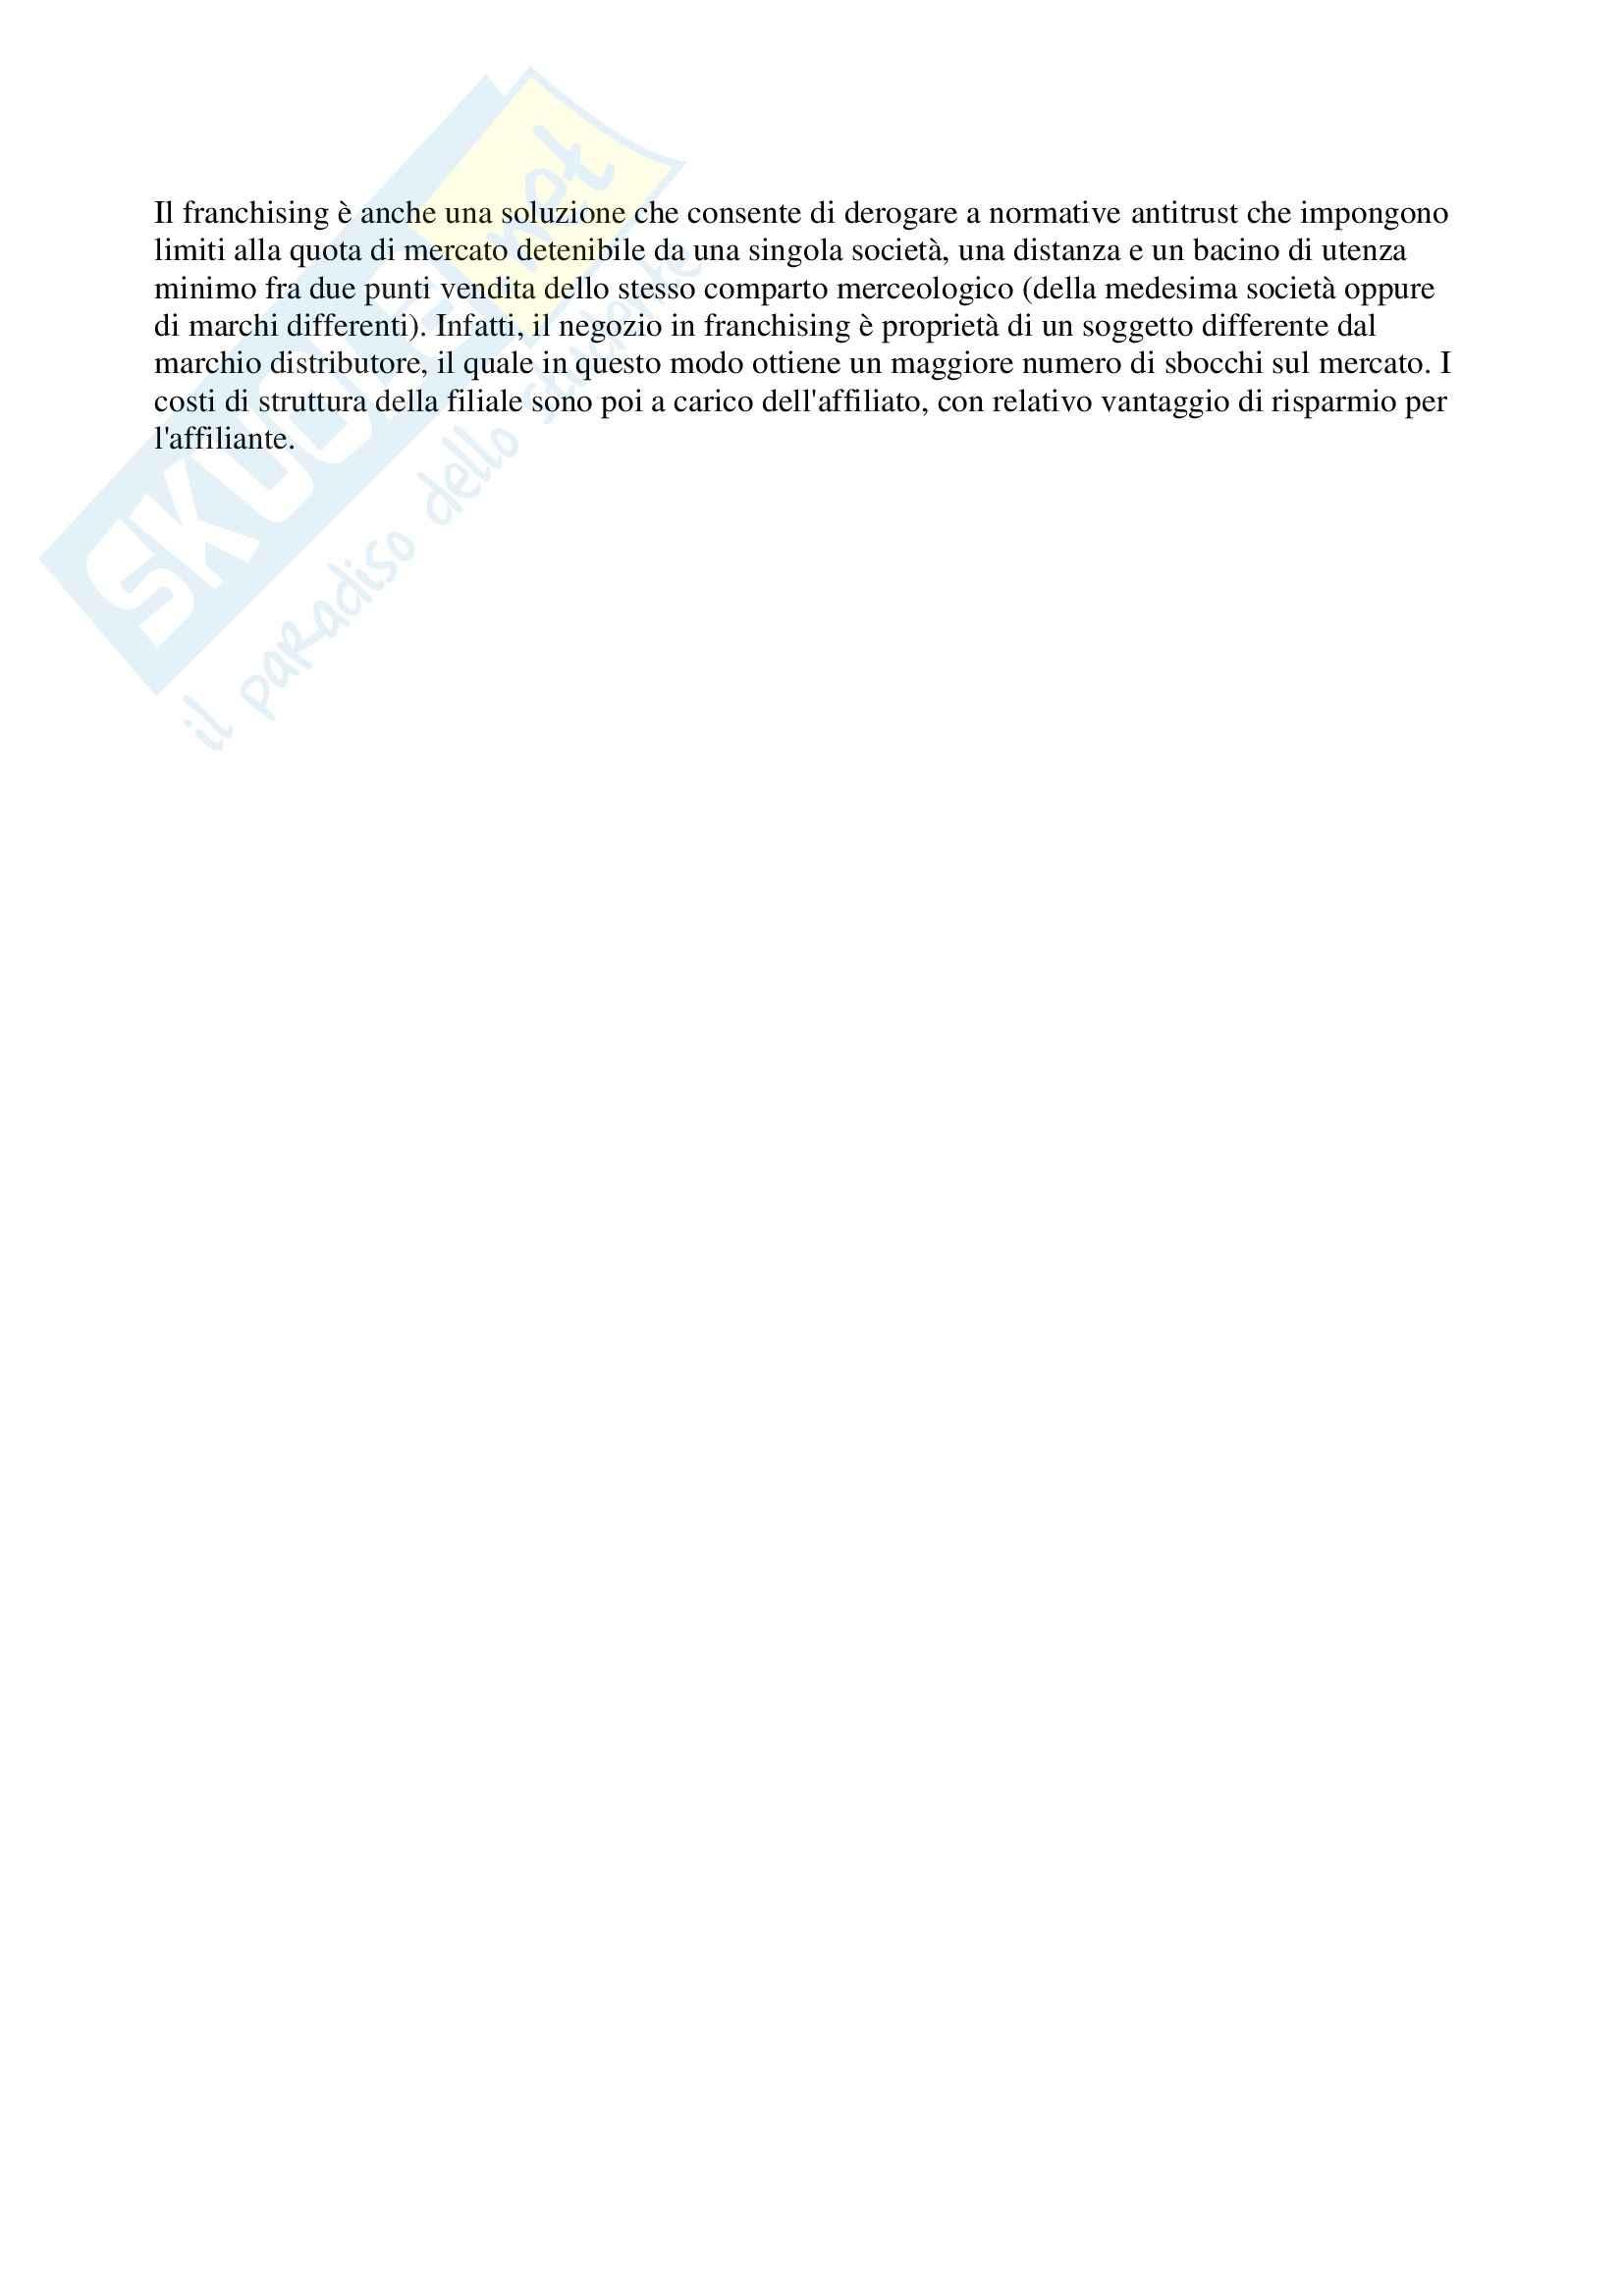 Riassunto esame Diritto Privato, prof. Masi, libro consigliato Manuale di Diritto Privato, Alpa Pag. 146